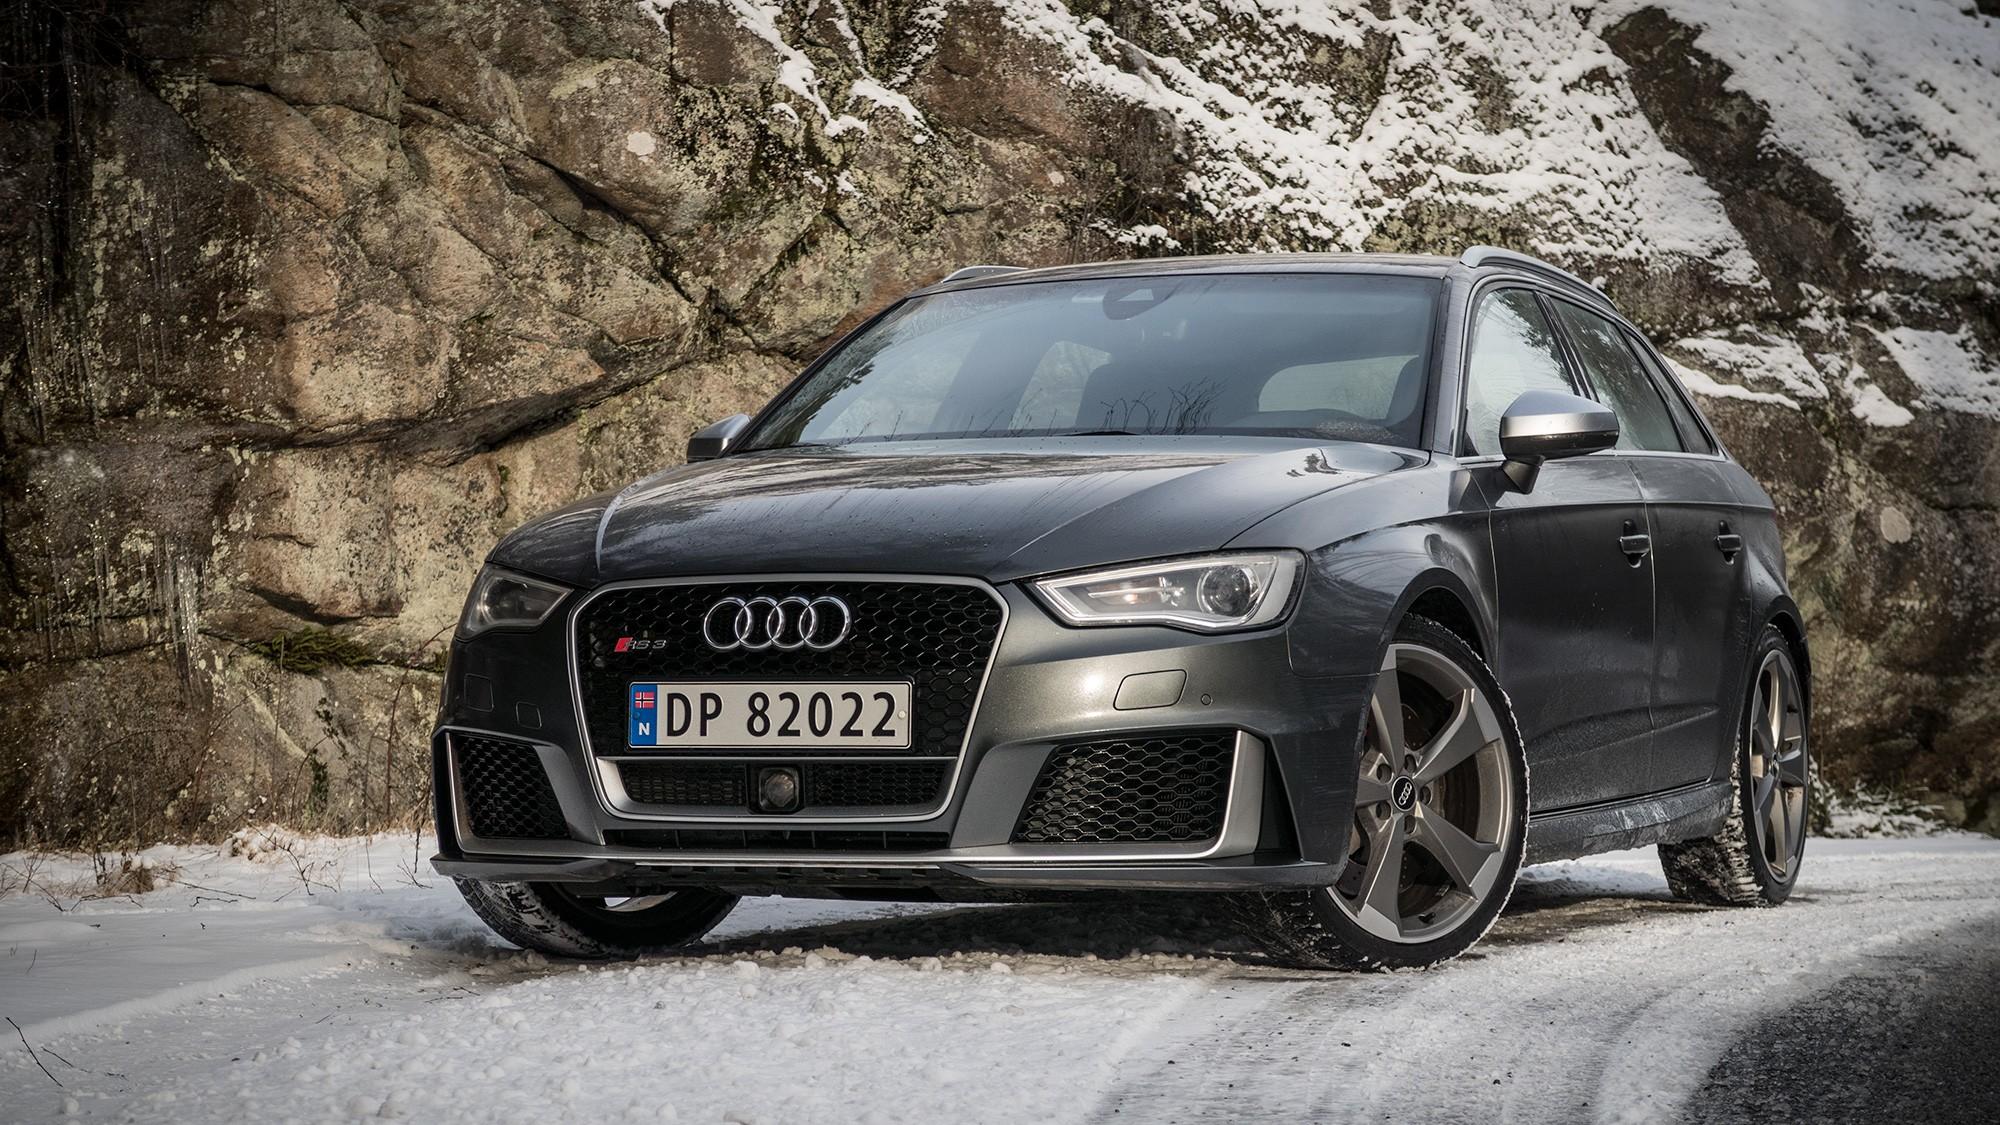 DISKRET: Audi RS3 er en skikkelig villtass av en bil, men designet tyder ikke på det.